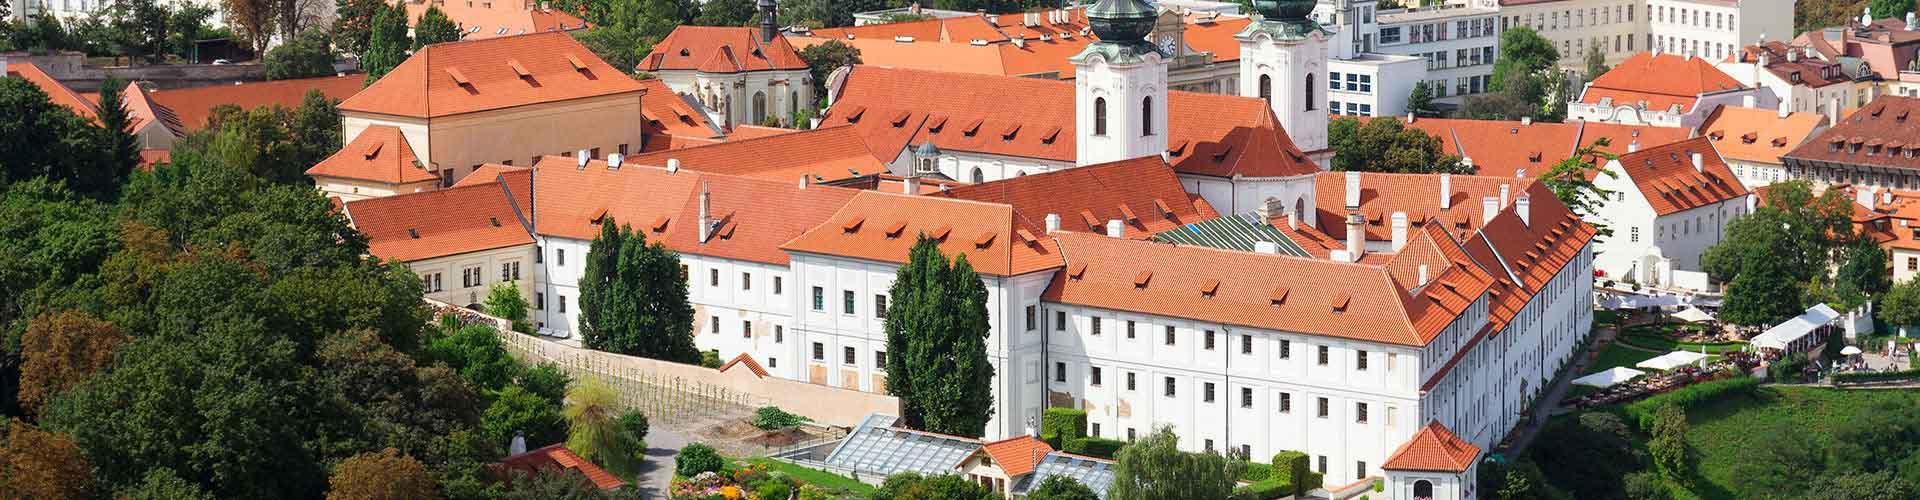 Prag – Hostels in der Nähe von Kloster Strahov. Prag auf der Karte. Fotos und Bewertungen für jedes Hostel in Prag.